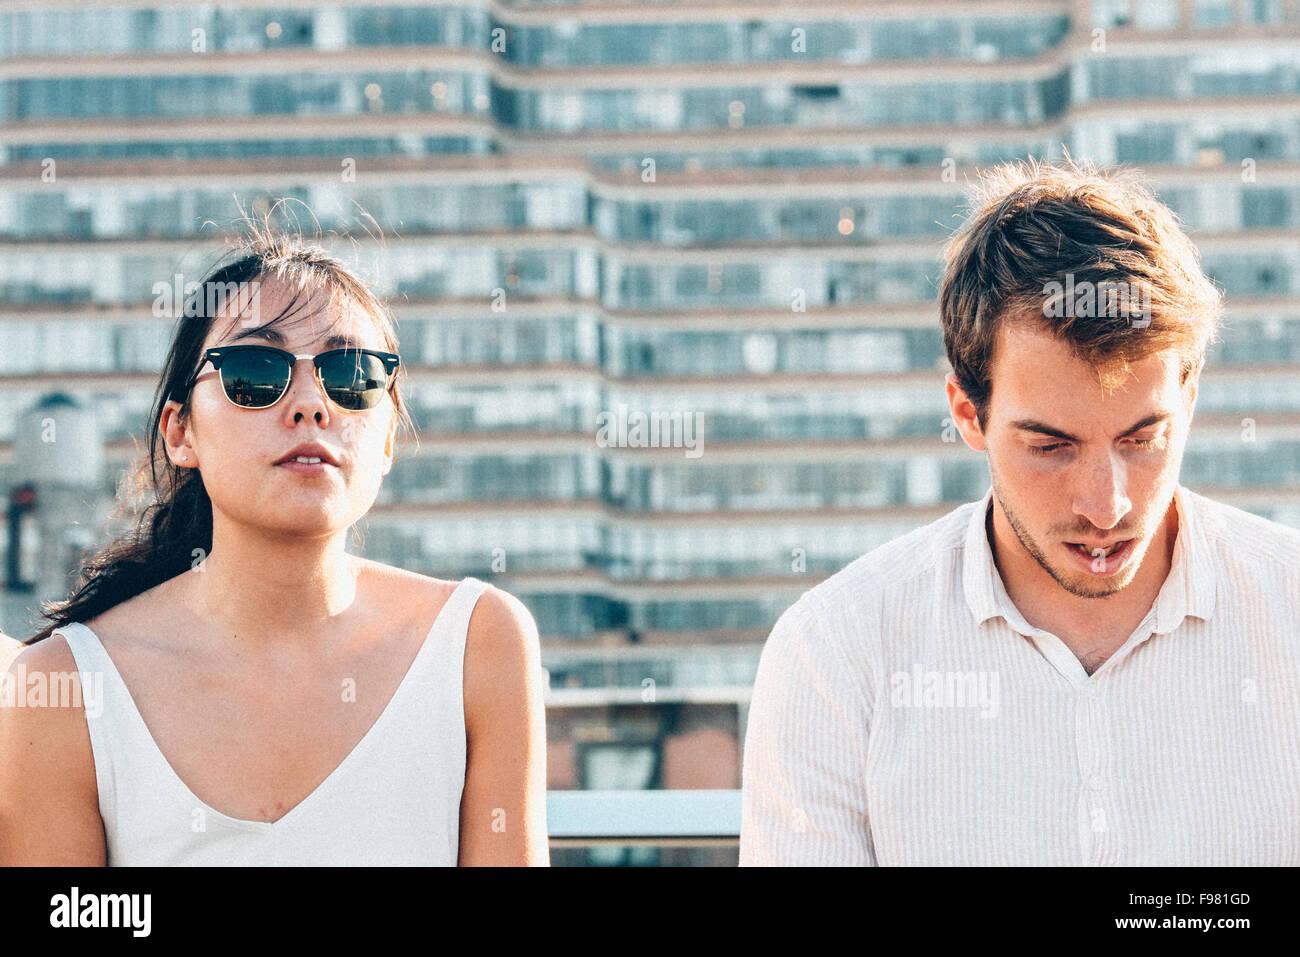 El hombre y la mujer en la ciudad Imagen De Stock